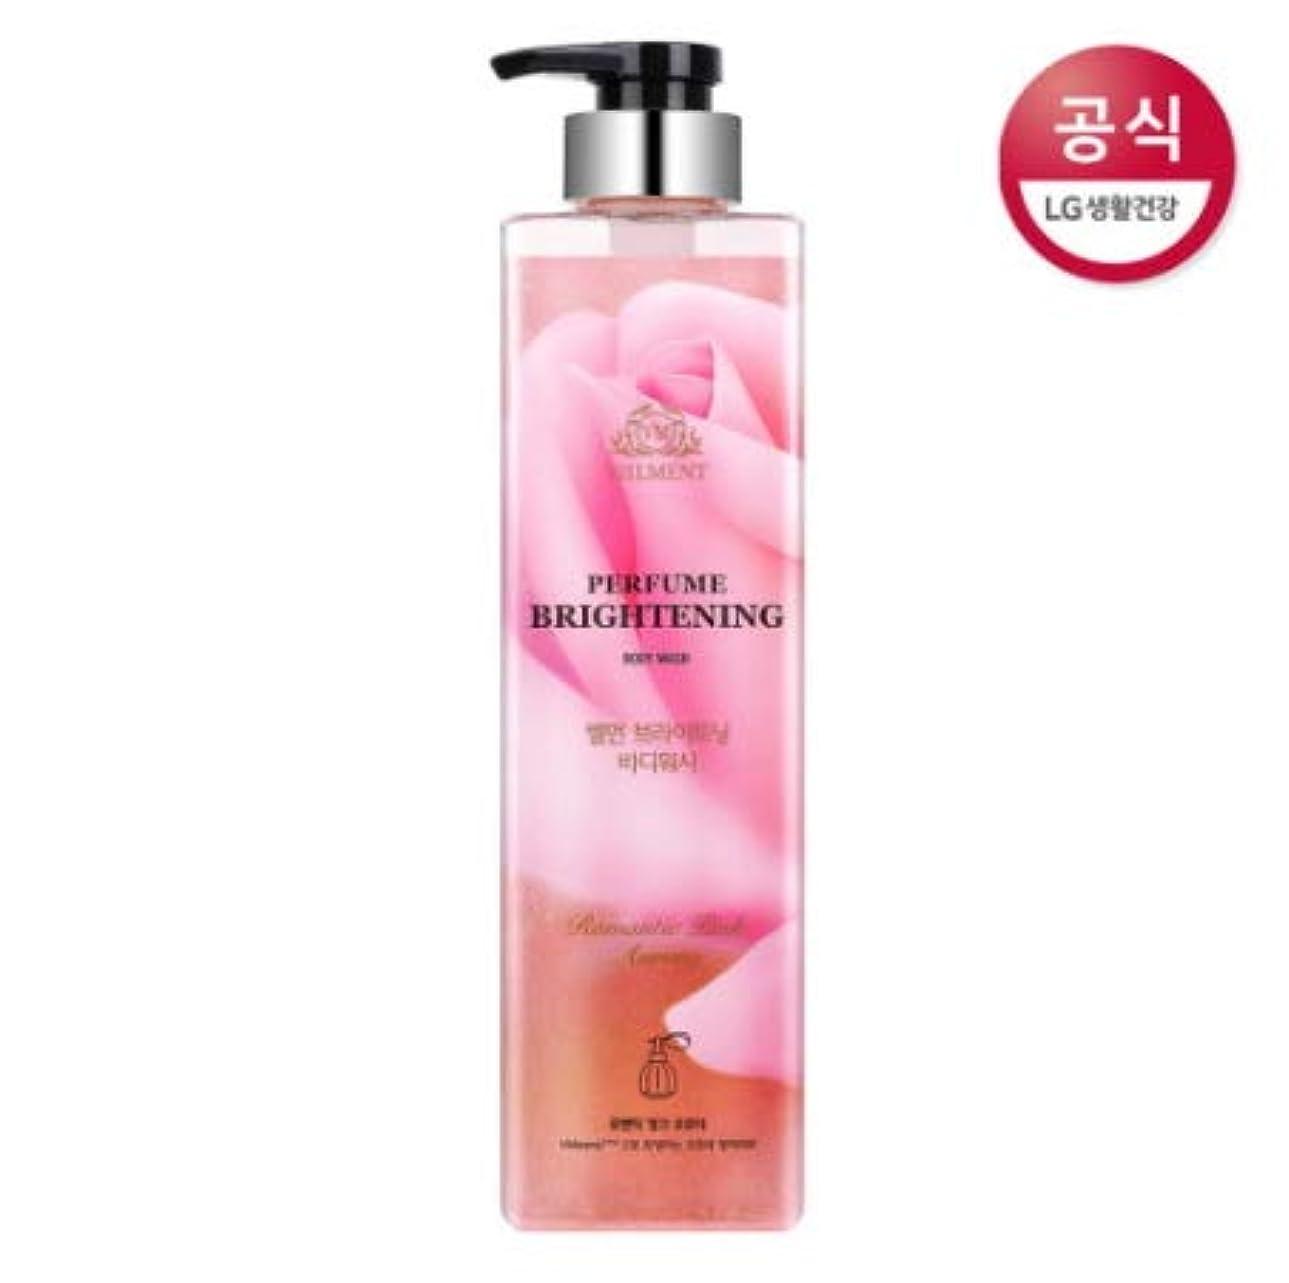 気配りのあるグリーンランドチャート[LG HnB] On the Body Belman Perfume Brightening Body Wash / オンザボディベルモンパフュームブライトニングボディウォッシュ680mlx1個(海外直送品)